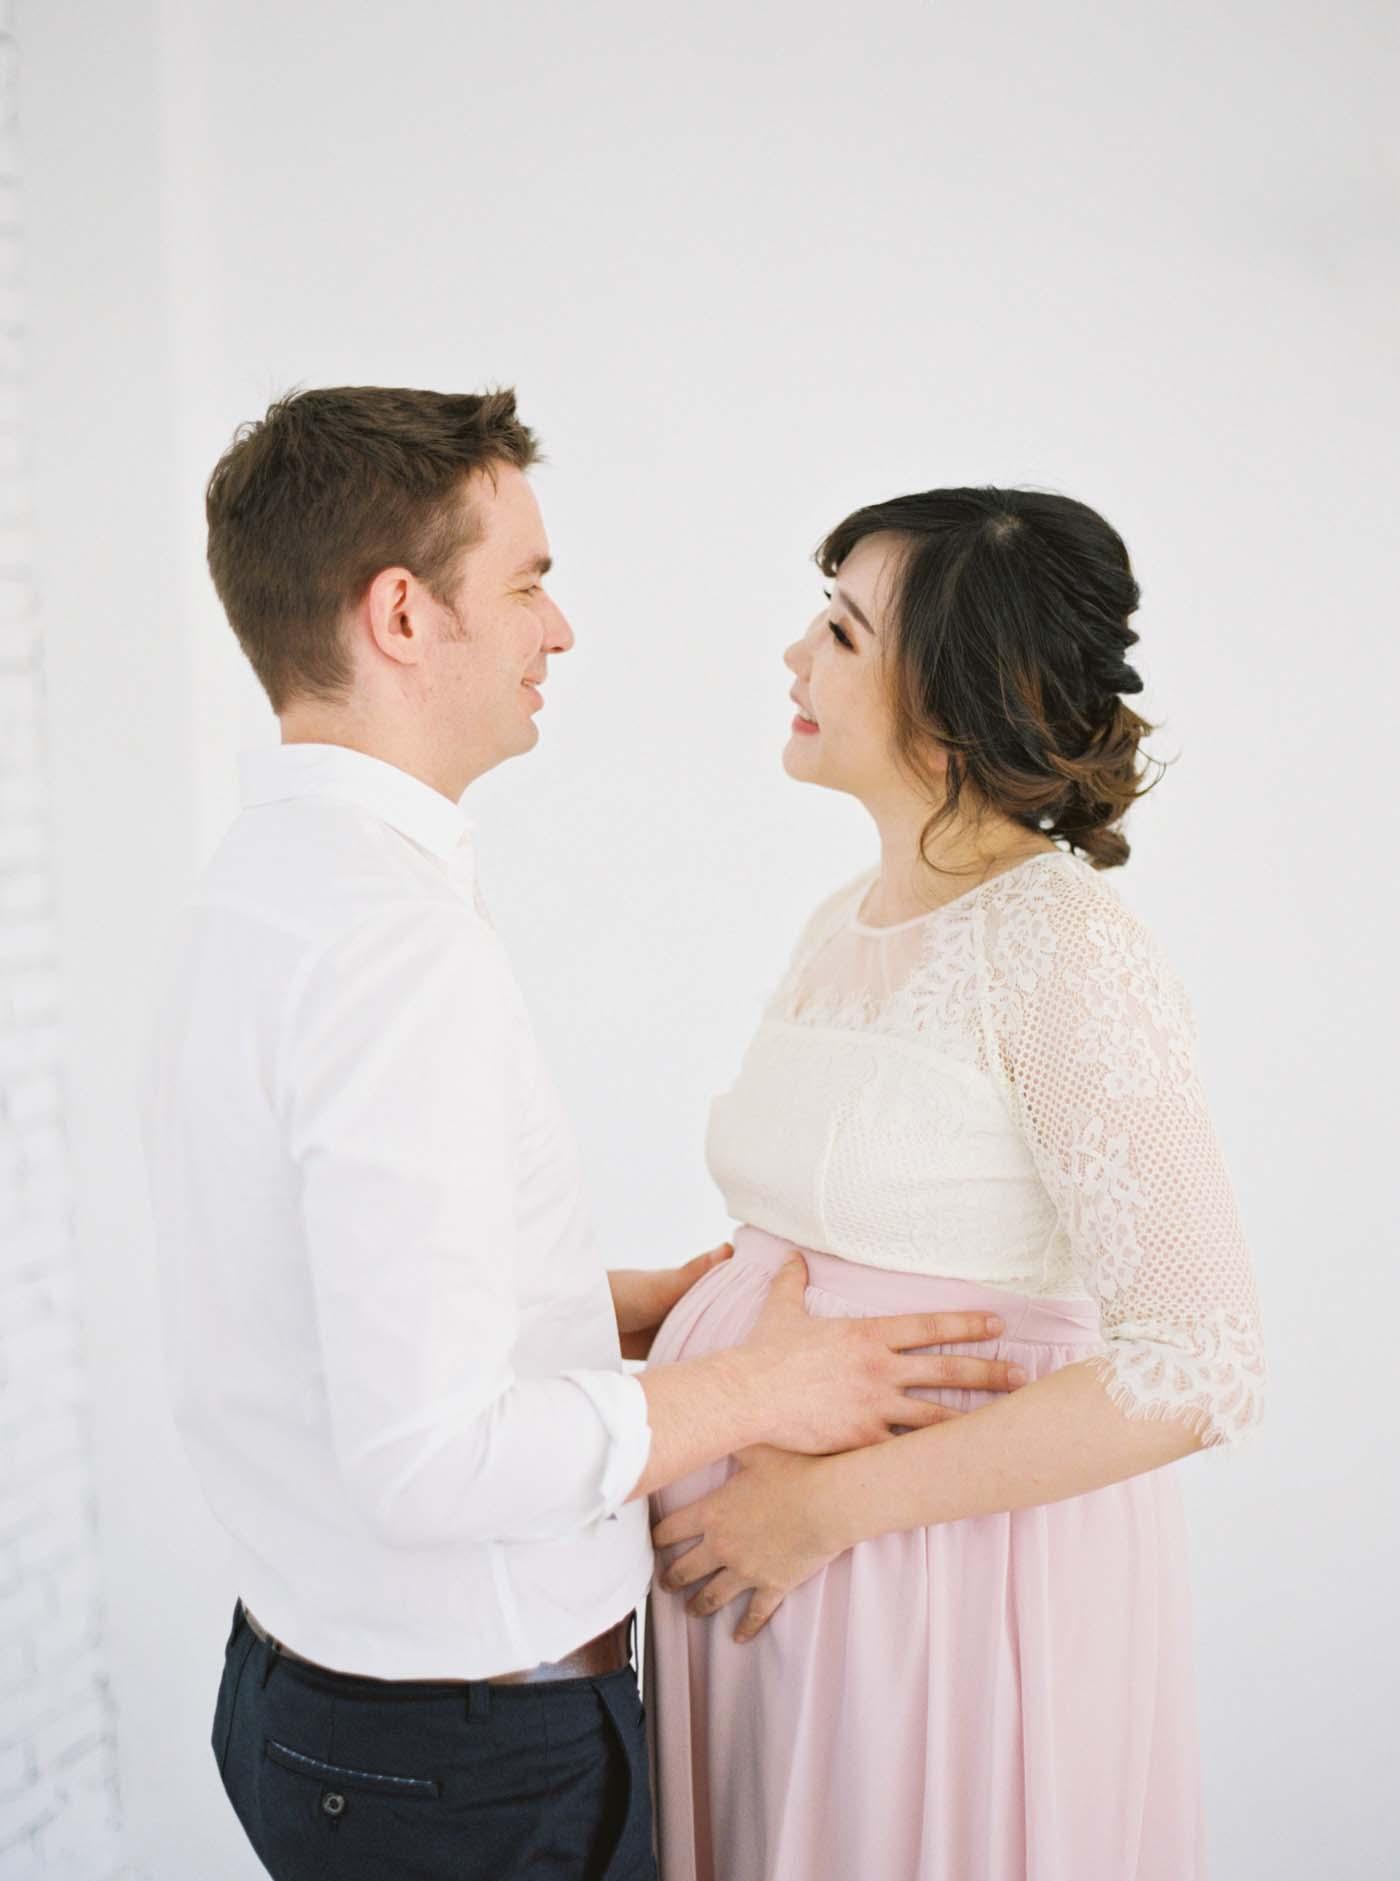 家庭親子孕婦寫真-孕期拍攝